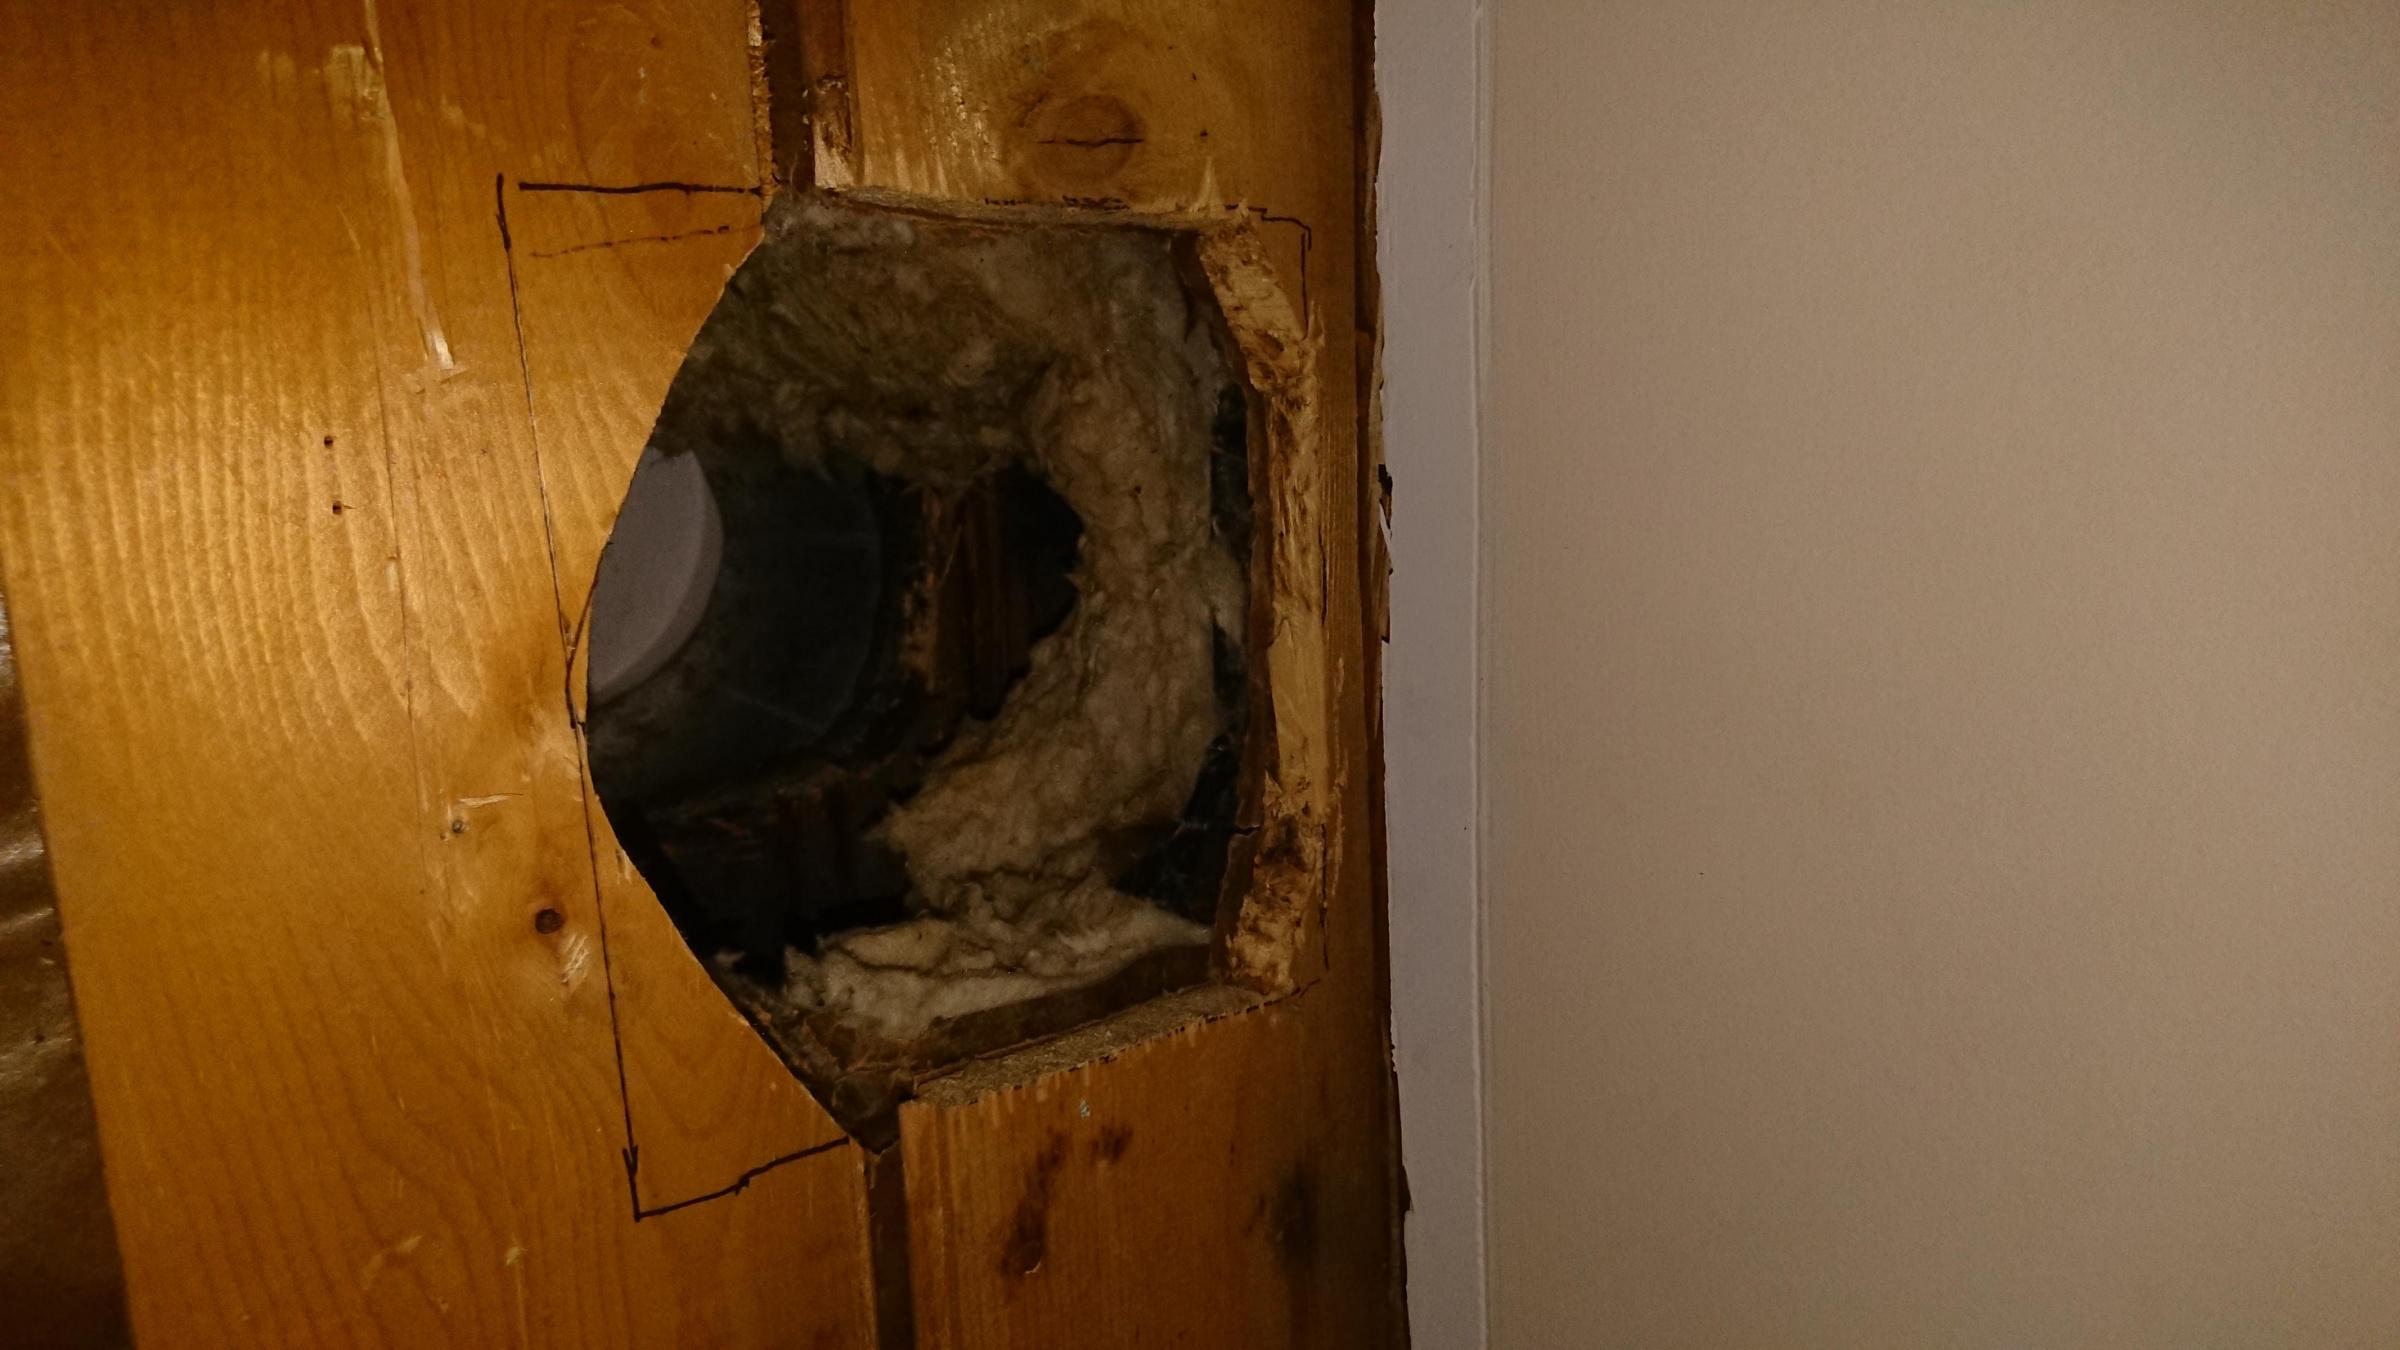 foam board, interior ceiling-dsc_2668_1575951966308.jpg